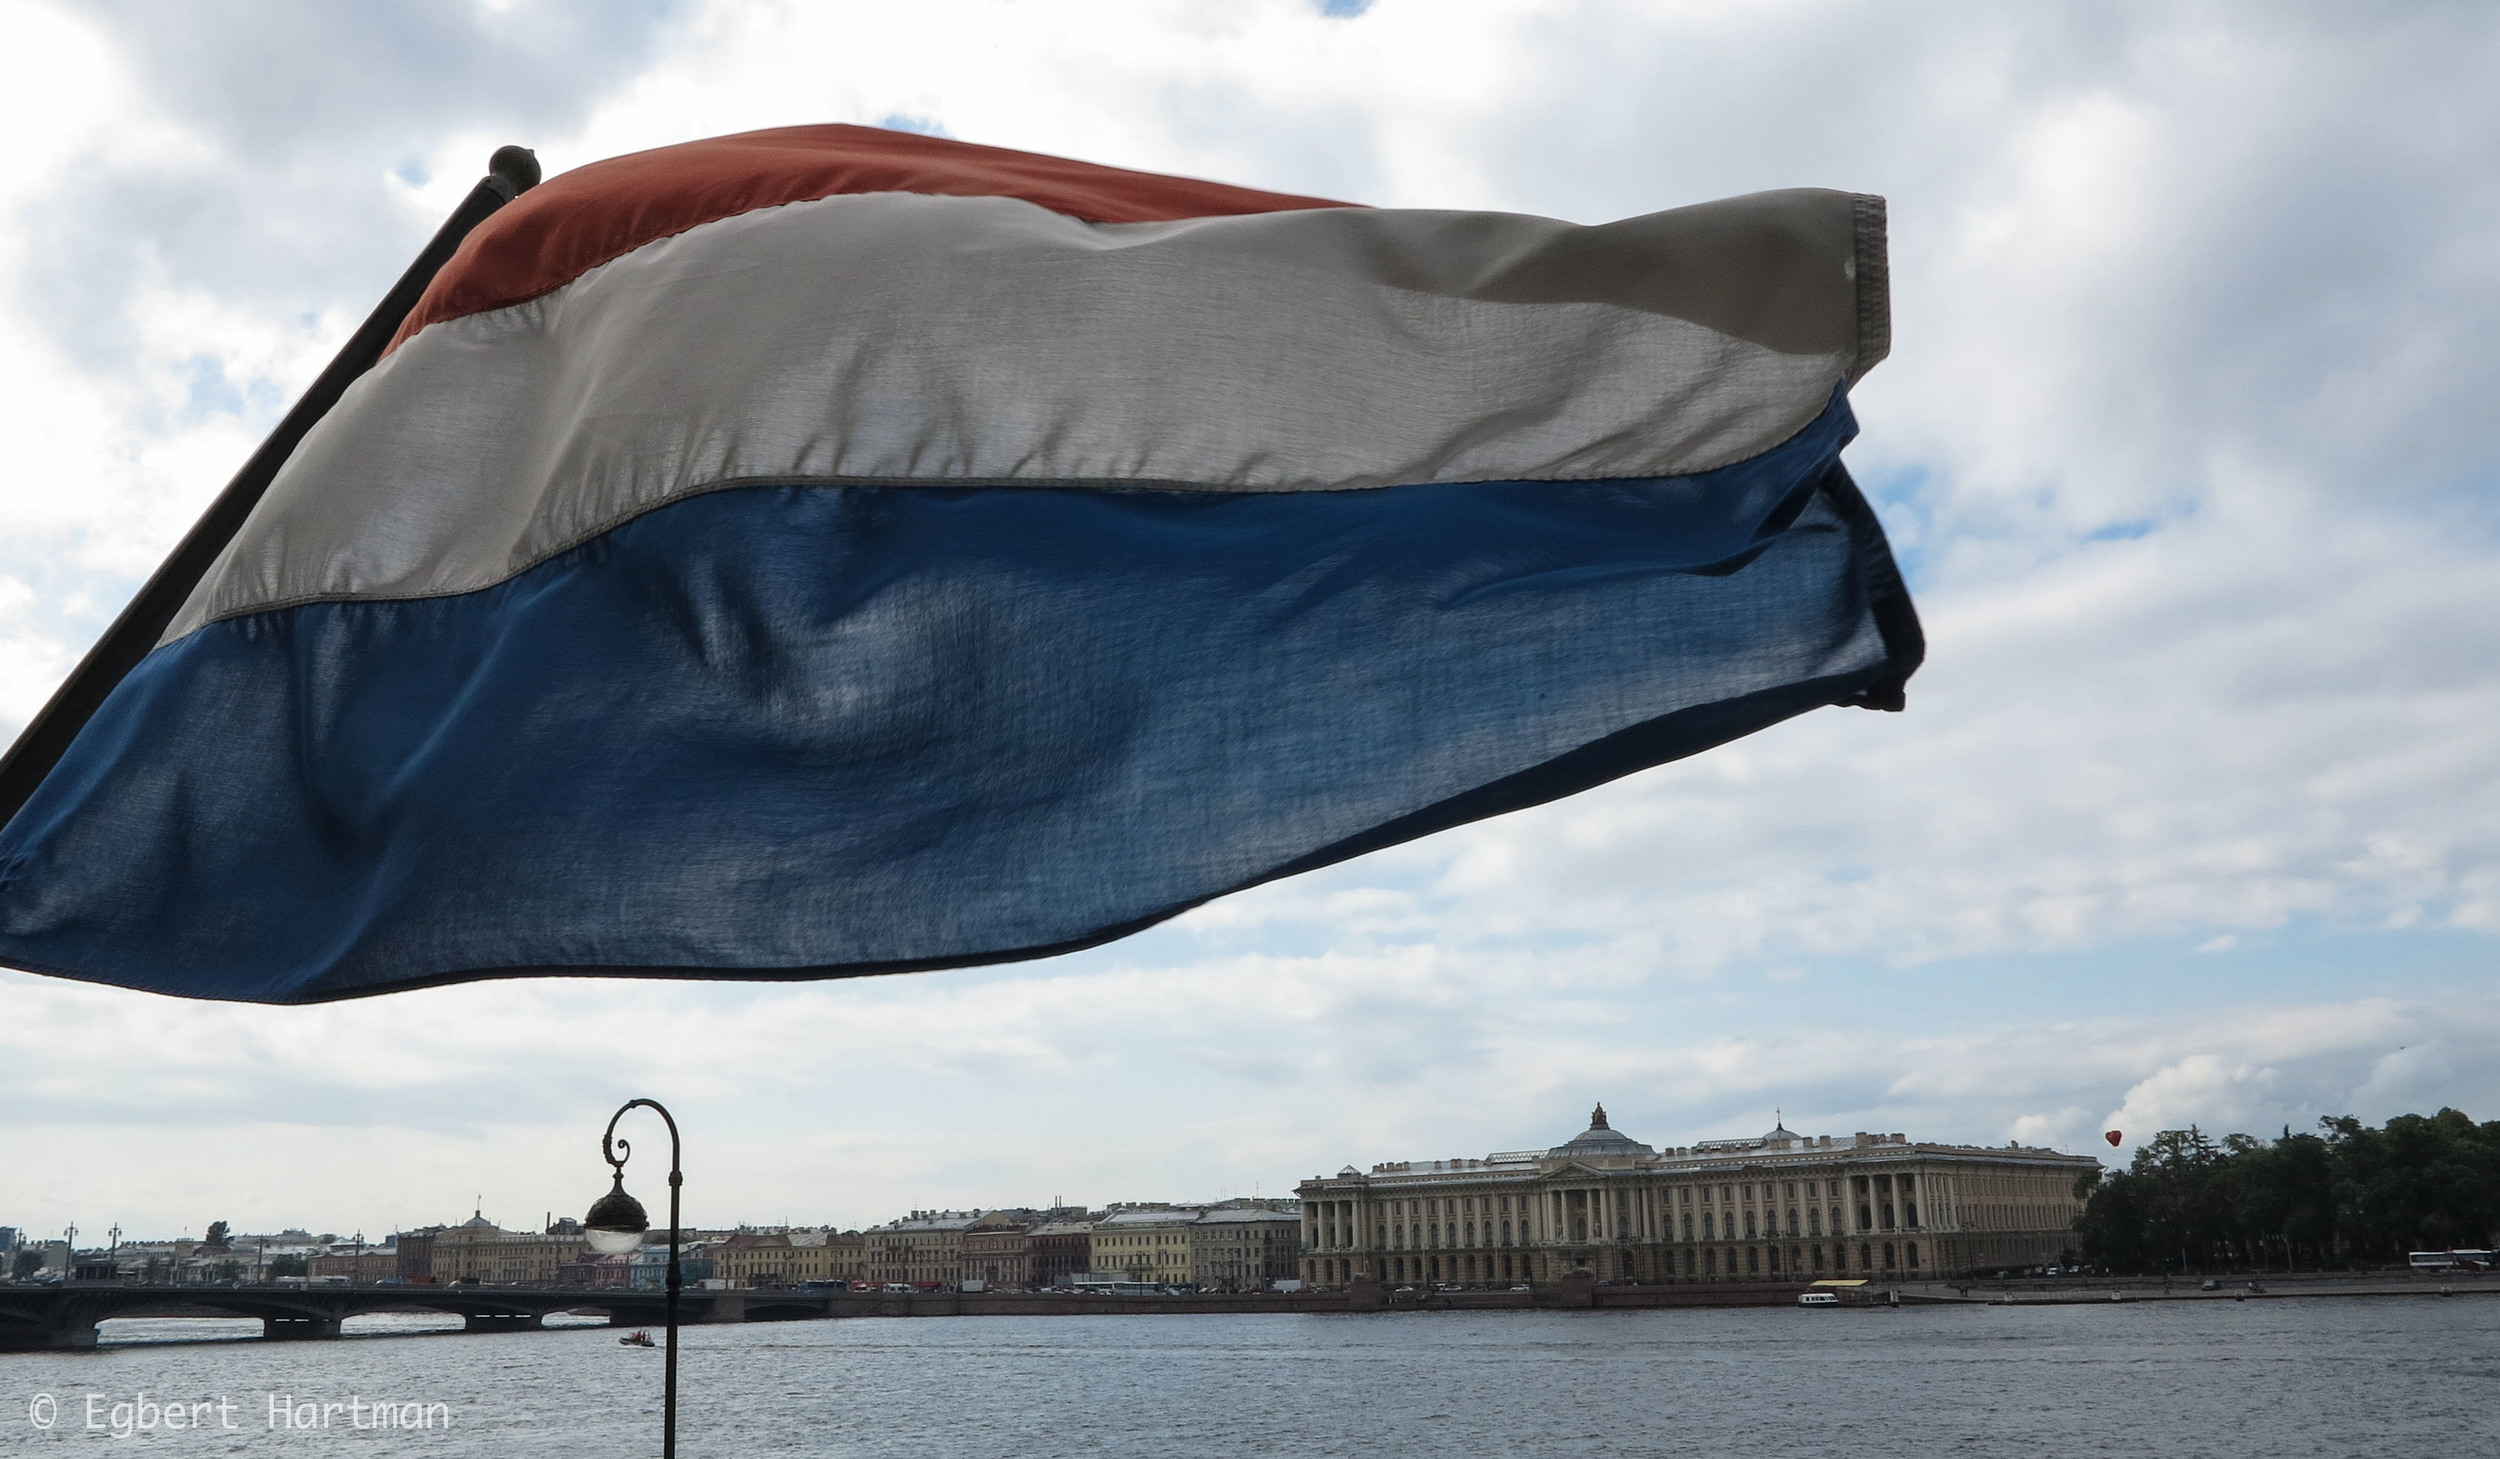 Nederlandse vlag Sint-Petersburg Neva consul consulaat